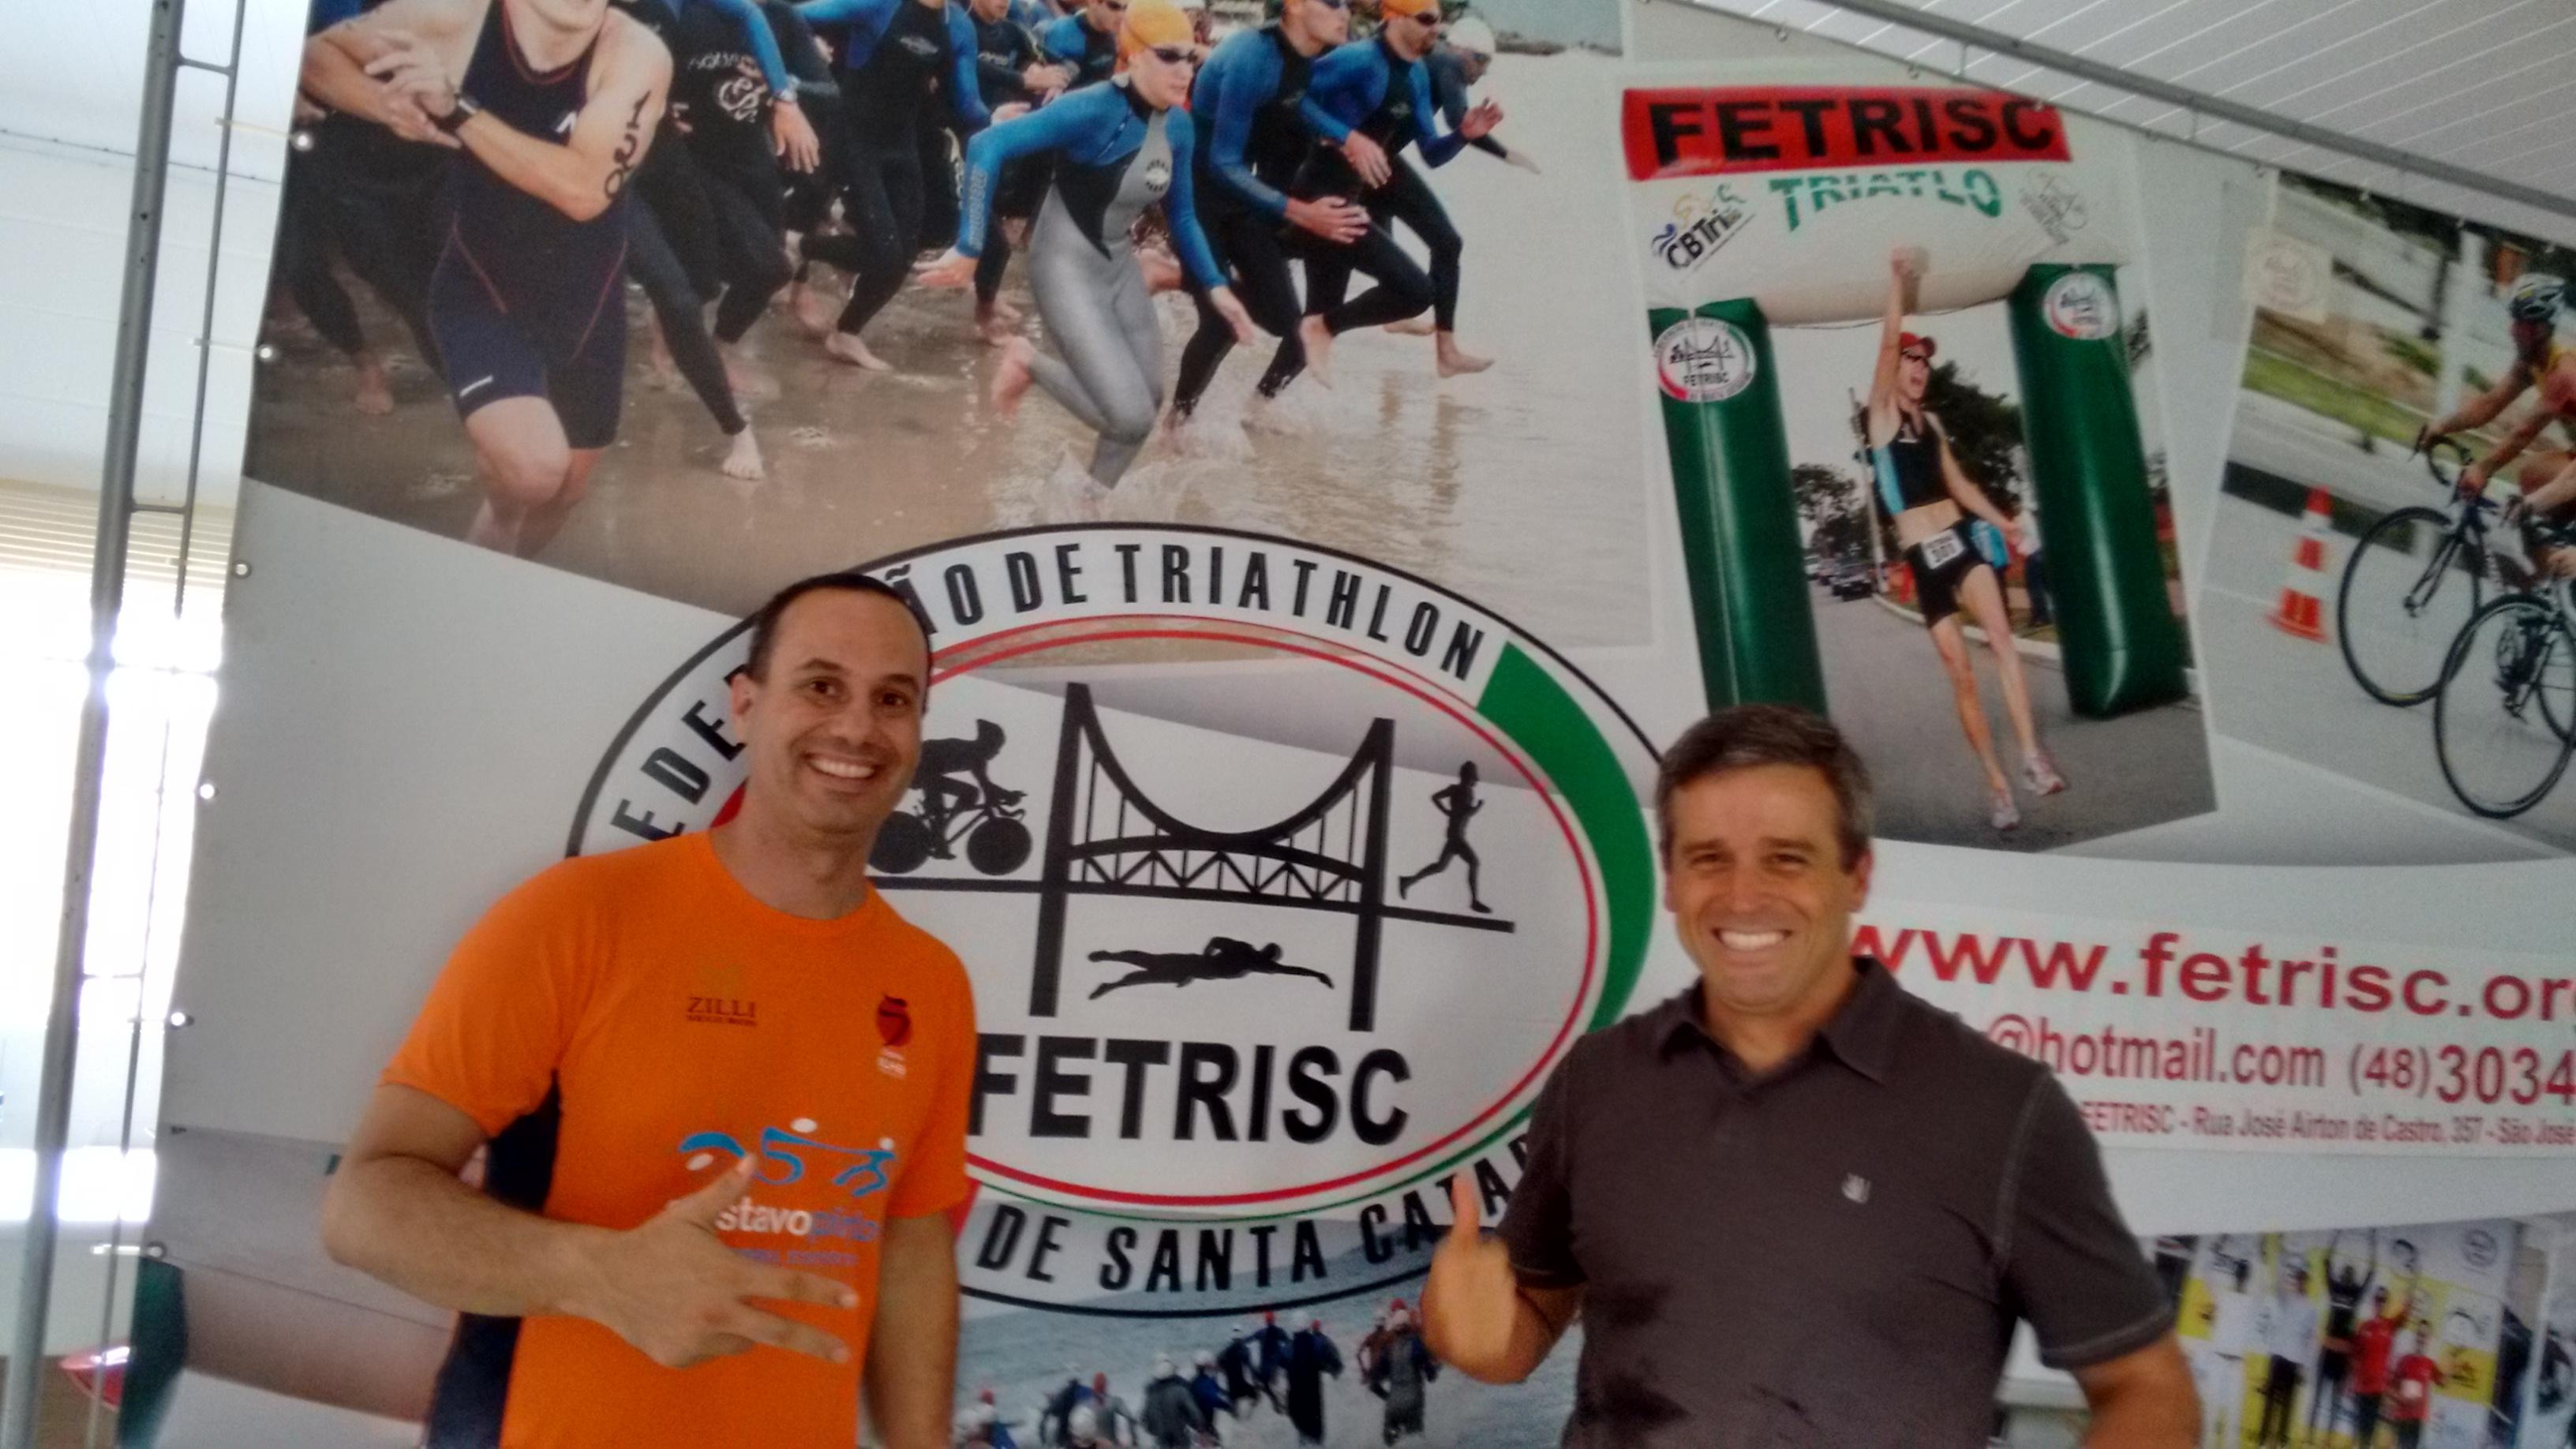 Equipe Ironman 2015 visita FETRISC